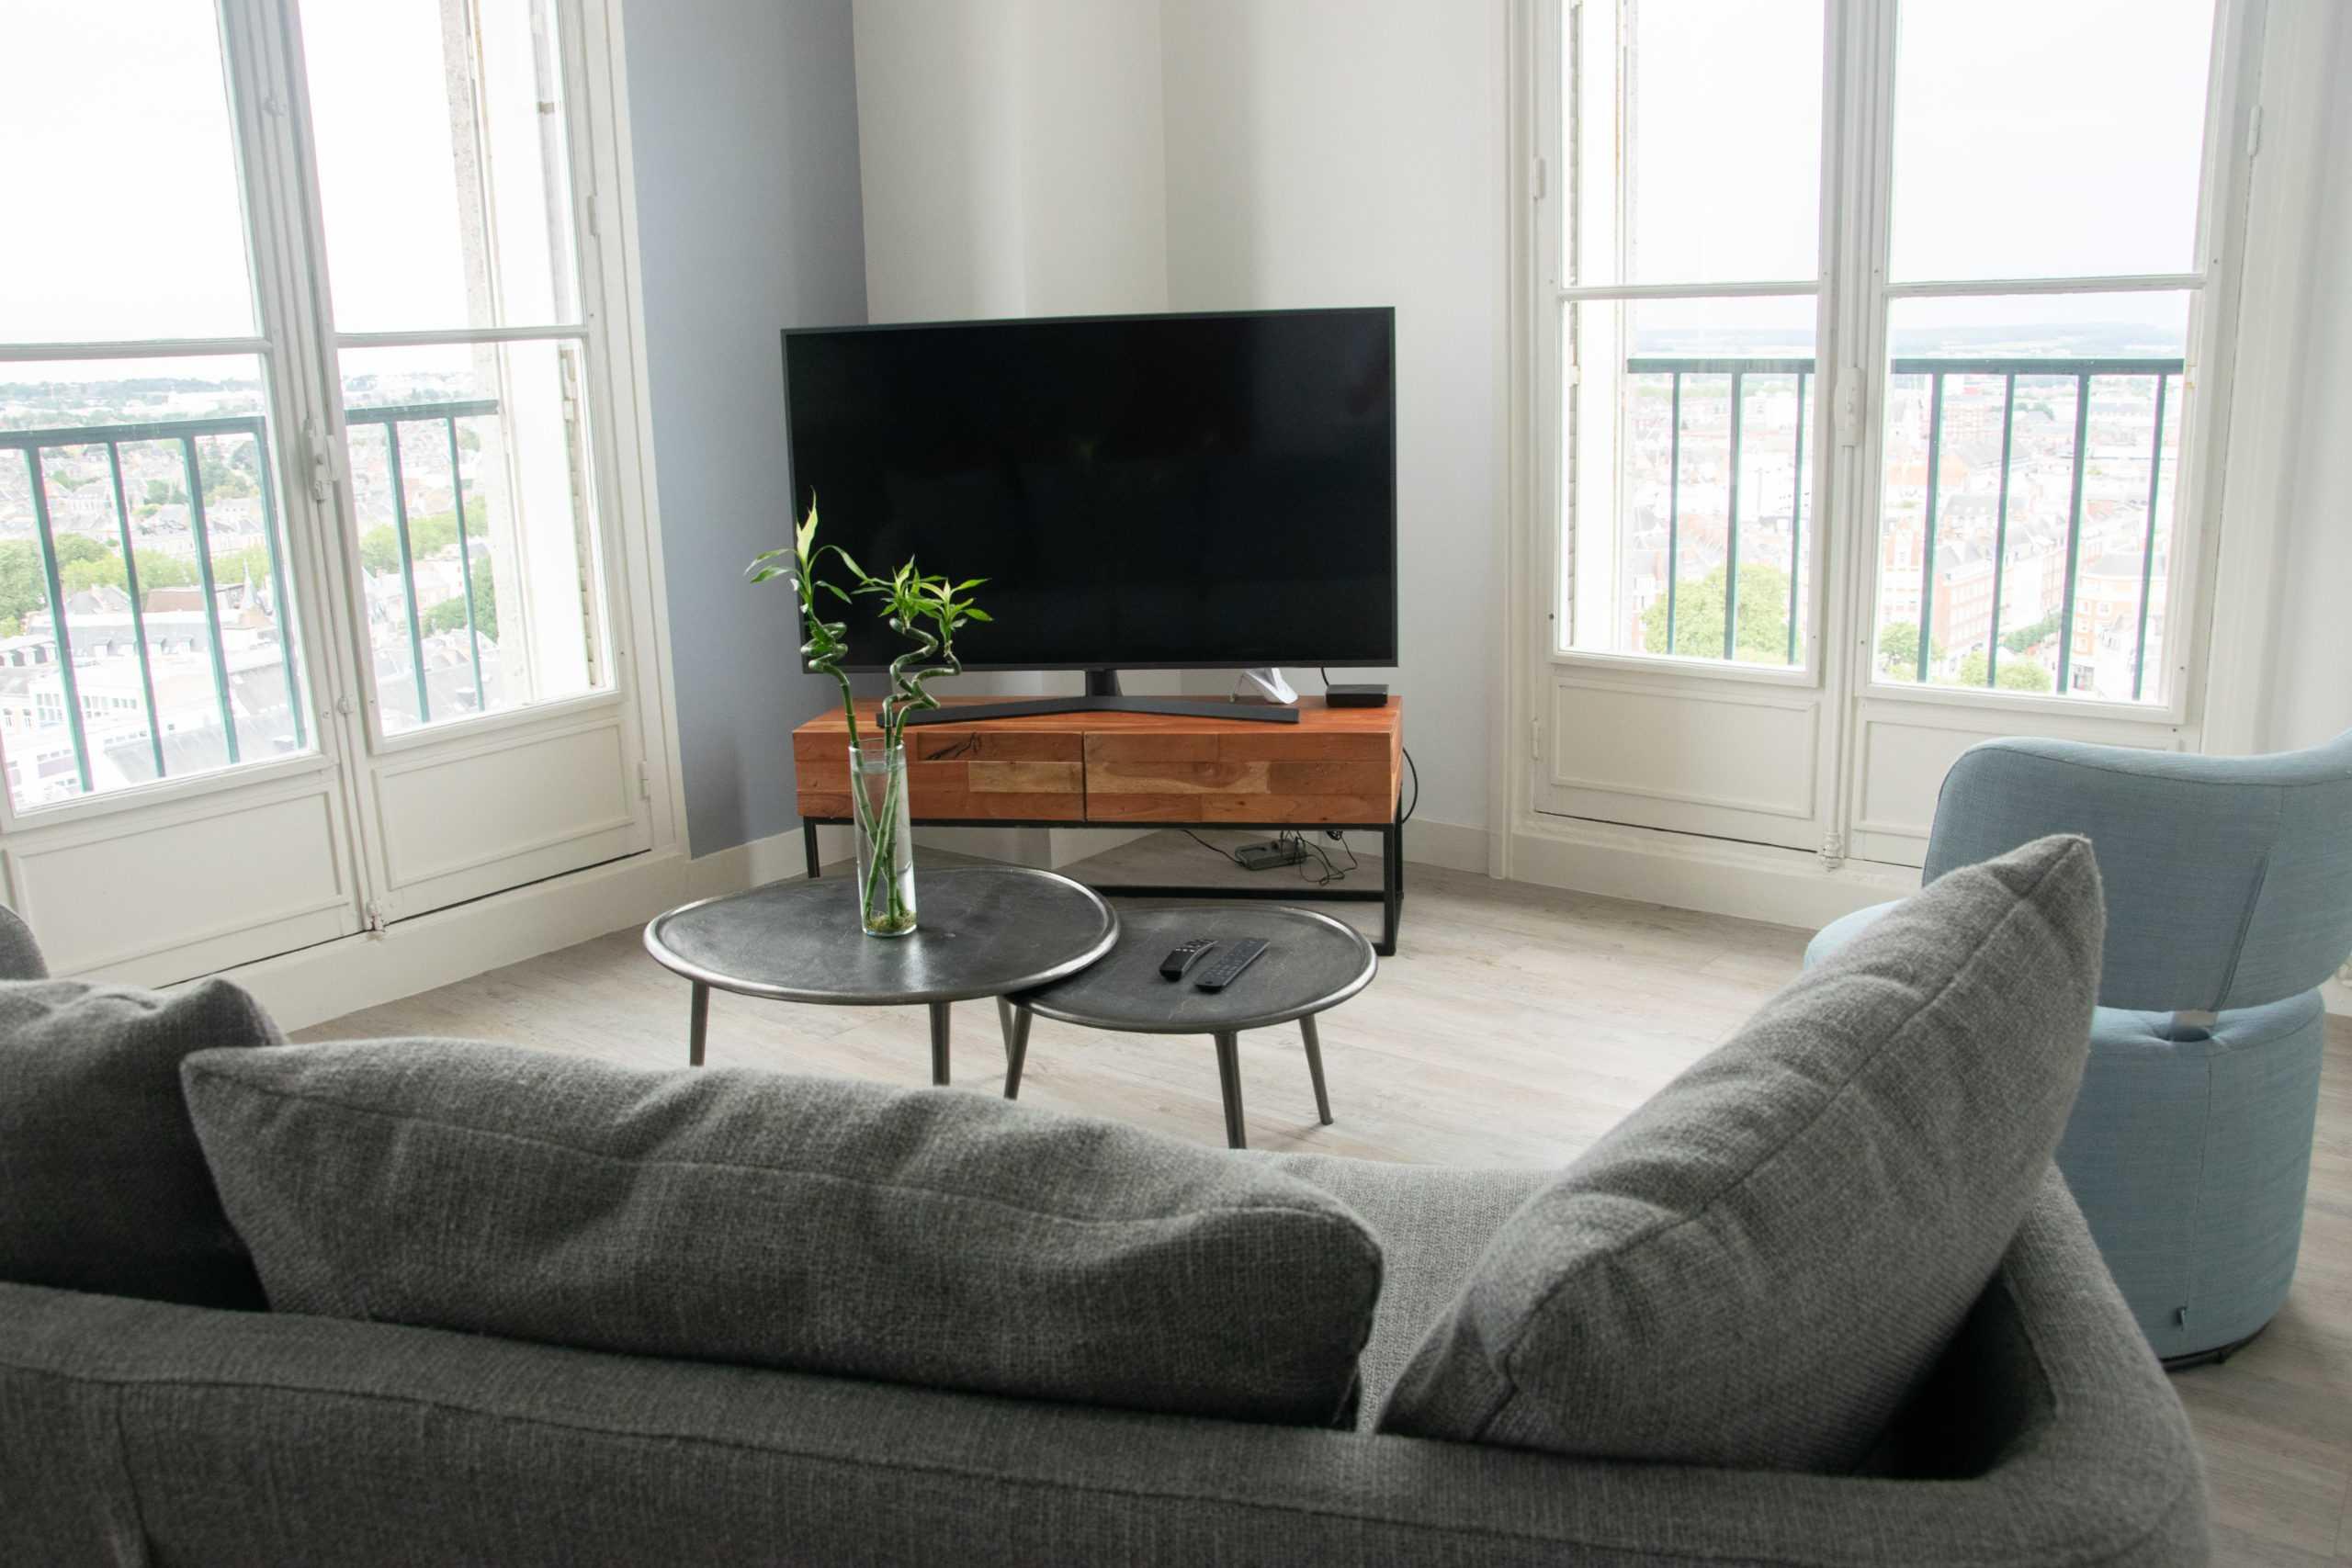 appartement_15eme_droite_tour_perret_amiens_tourisme_salon_2